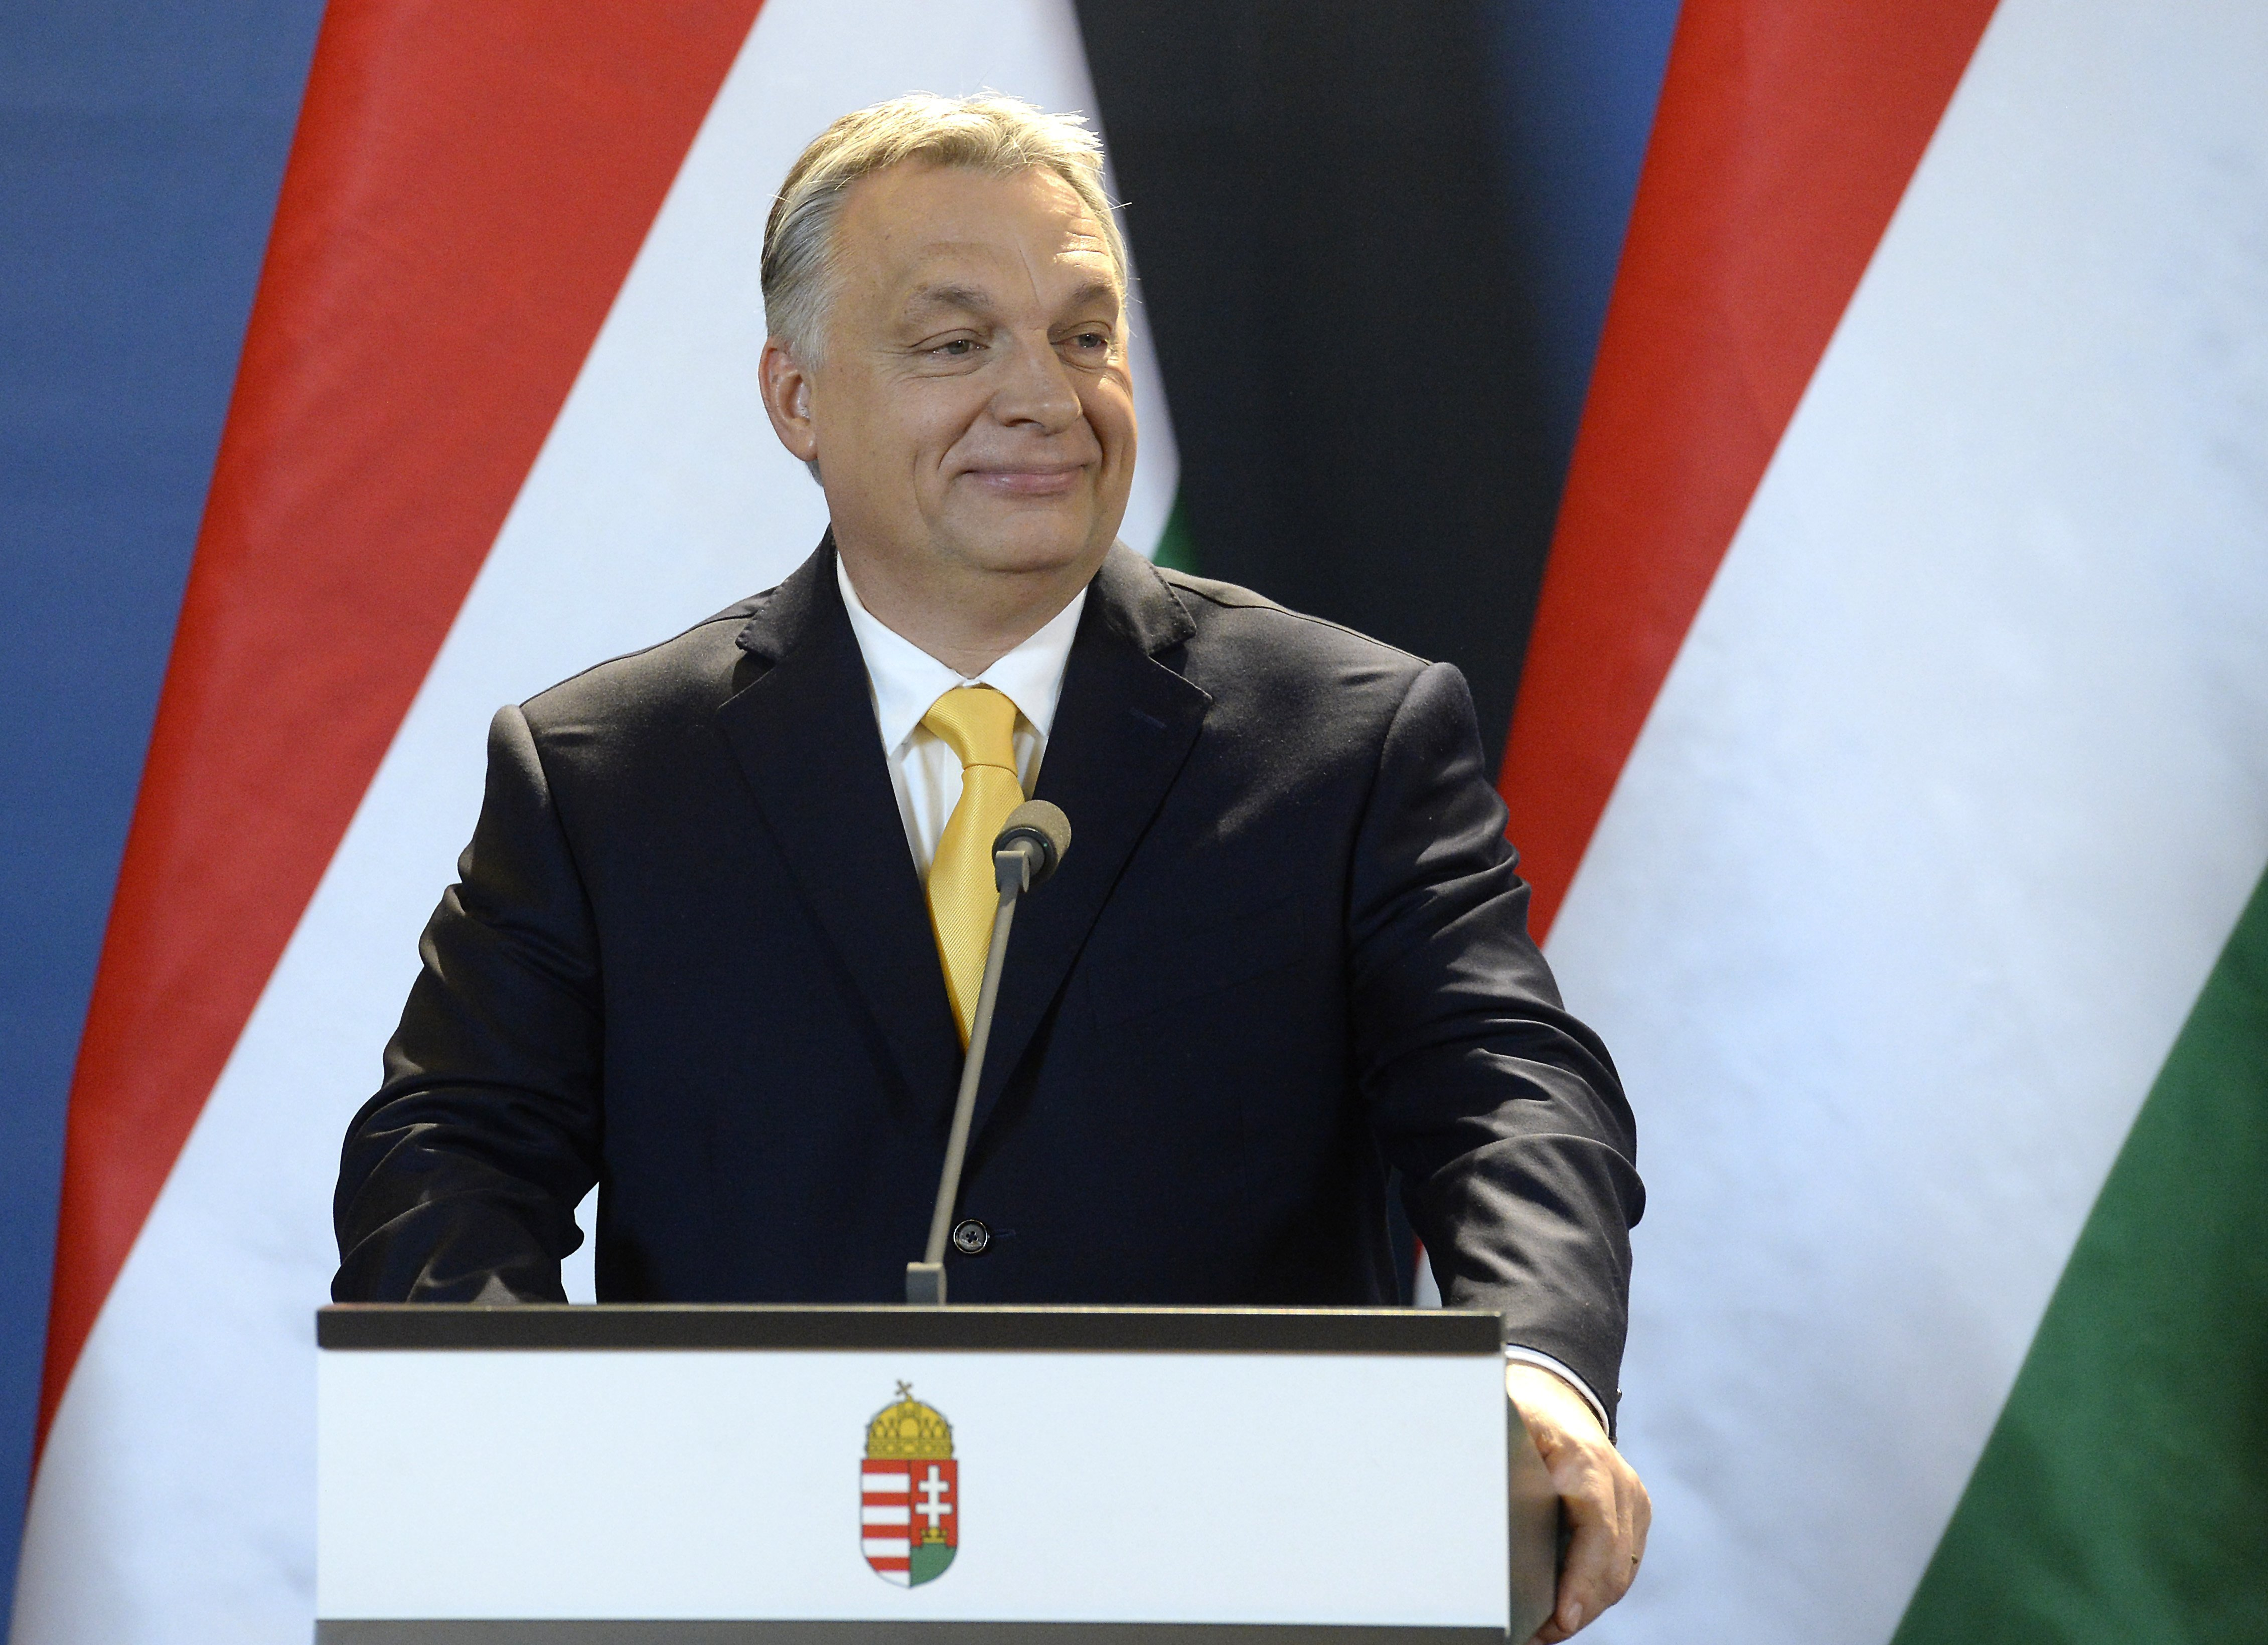 A szerencsétlen Economist újságírója azt hitte, ha értelmesen kérdez, Orbán Viktor majd válaszol neki